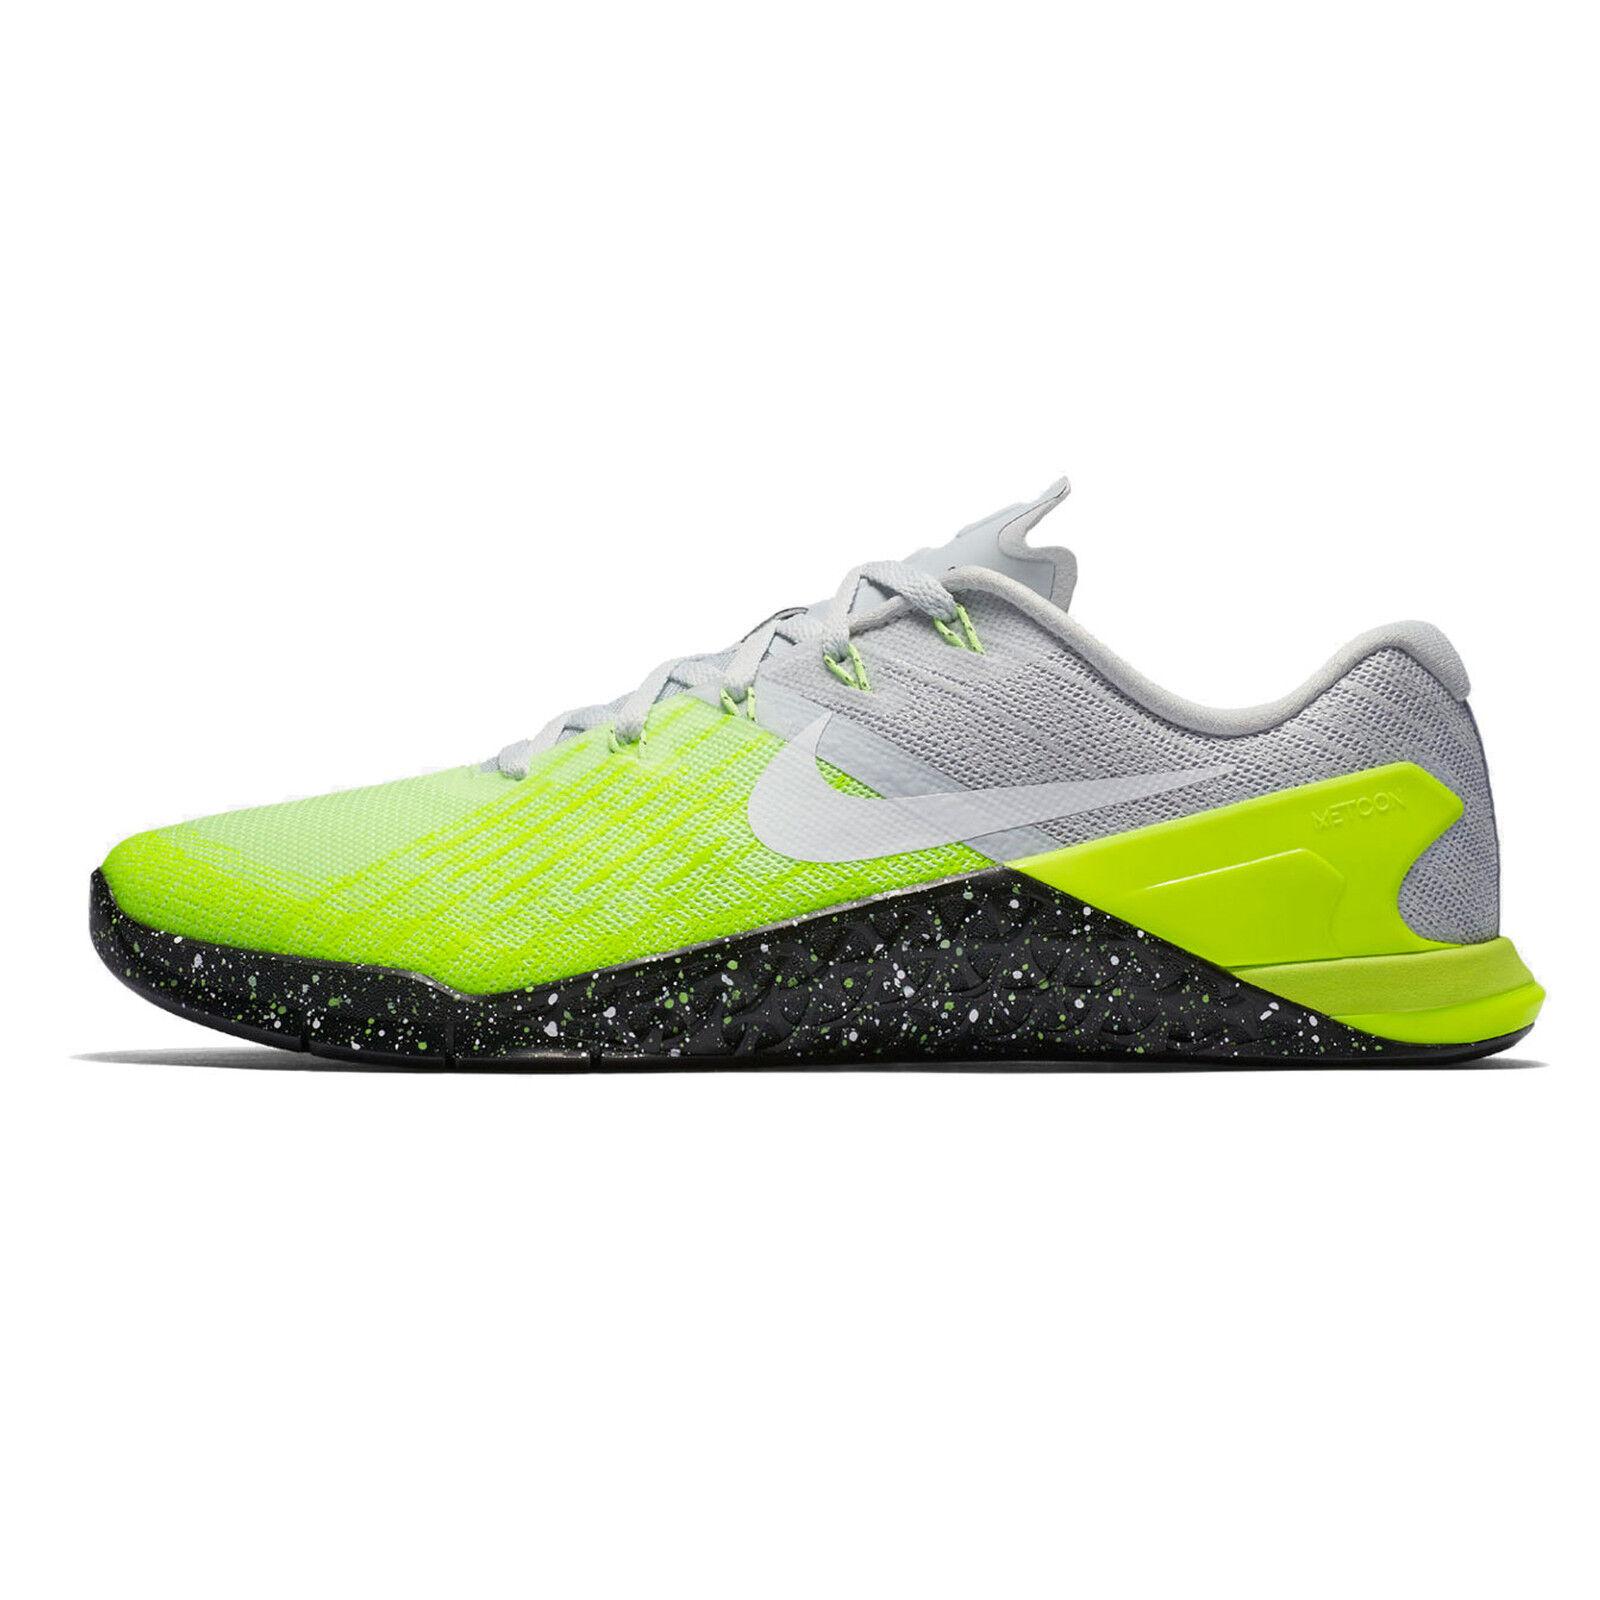 Nike Metcon 3 852928-006 Trainingschuh Laufschuh Sneaker